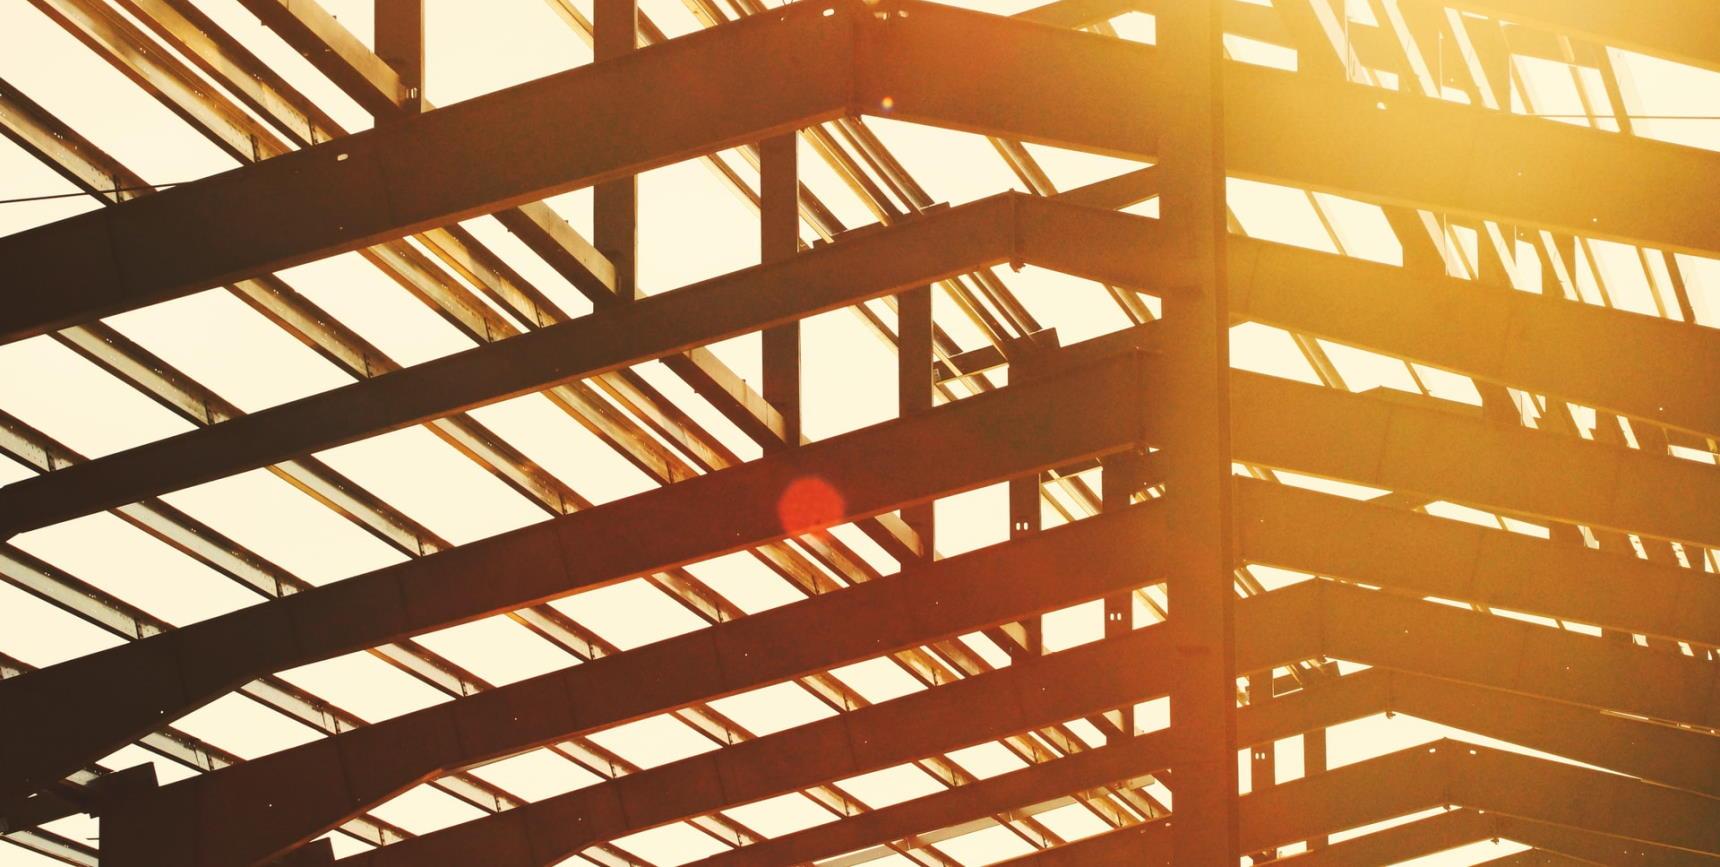 انواع اتصالات سازه های فولادی و مشخصات آن ها | به زبان ساده